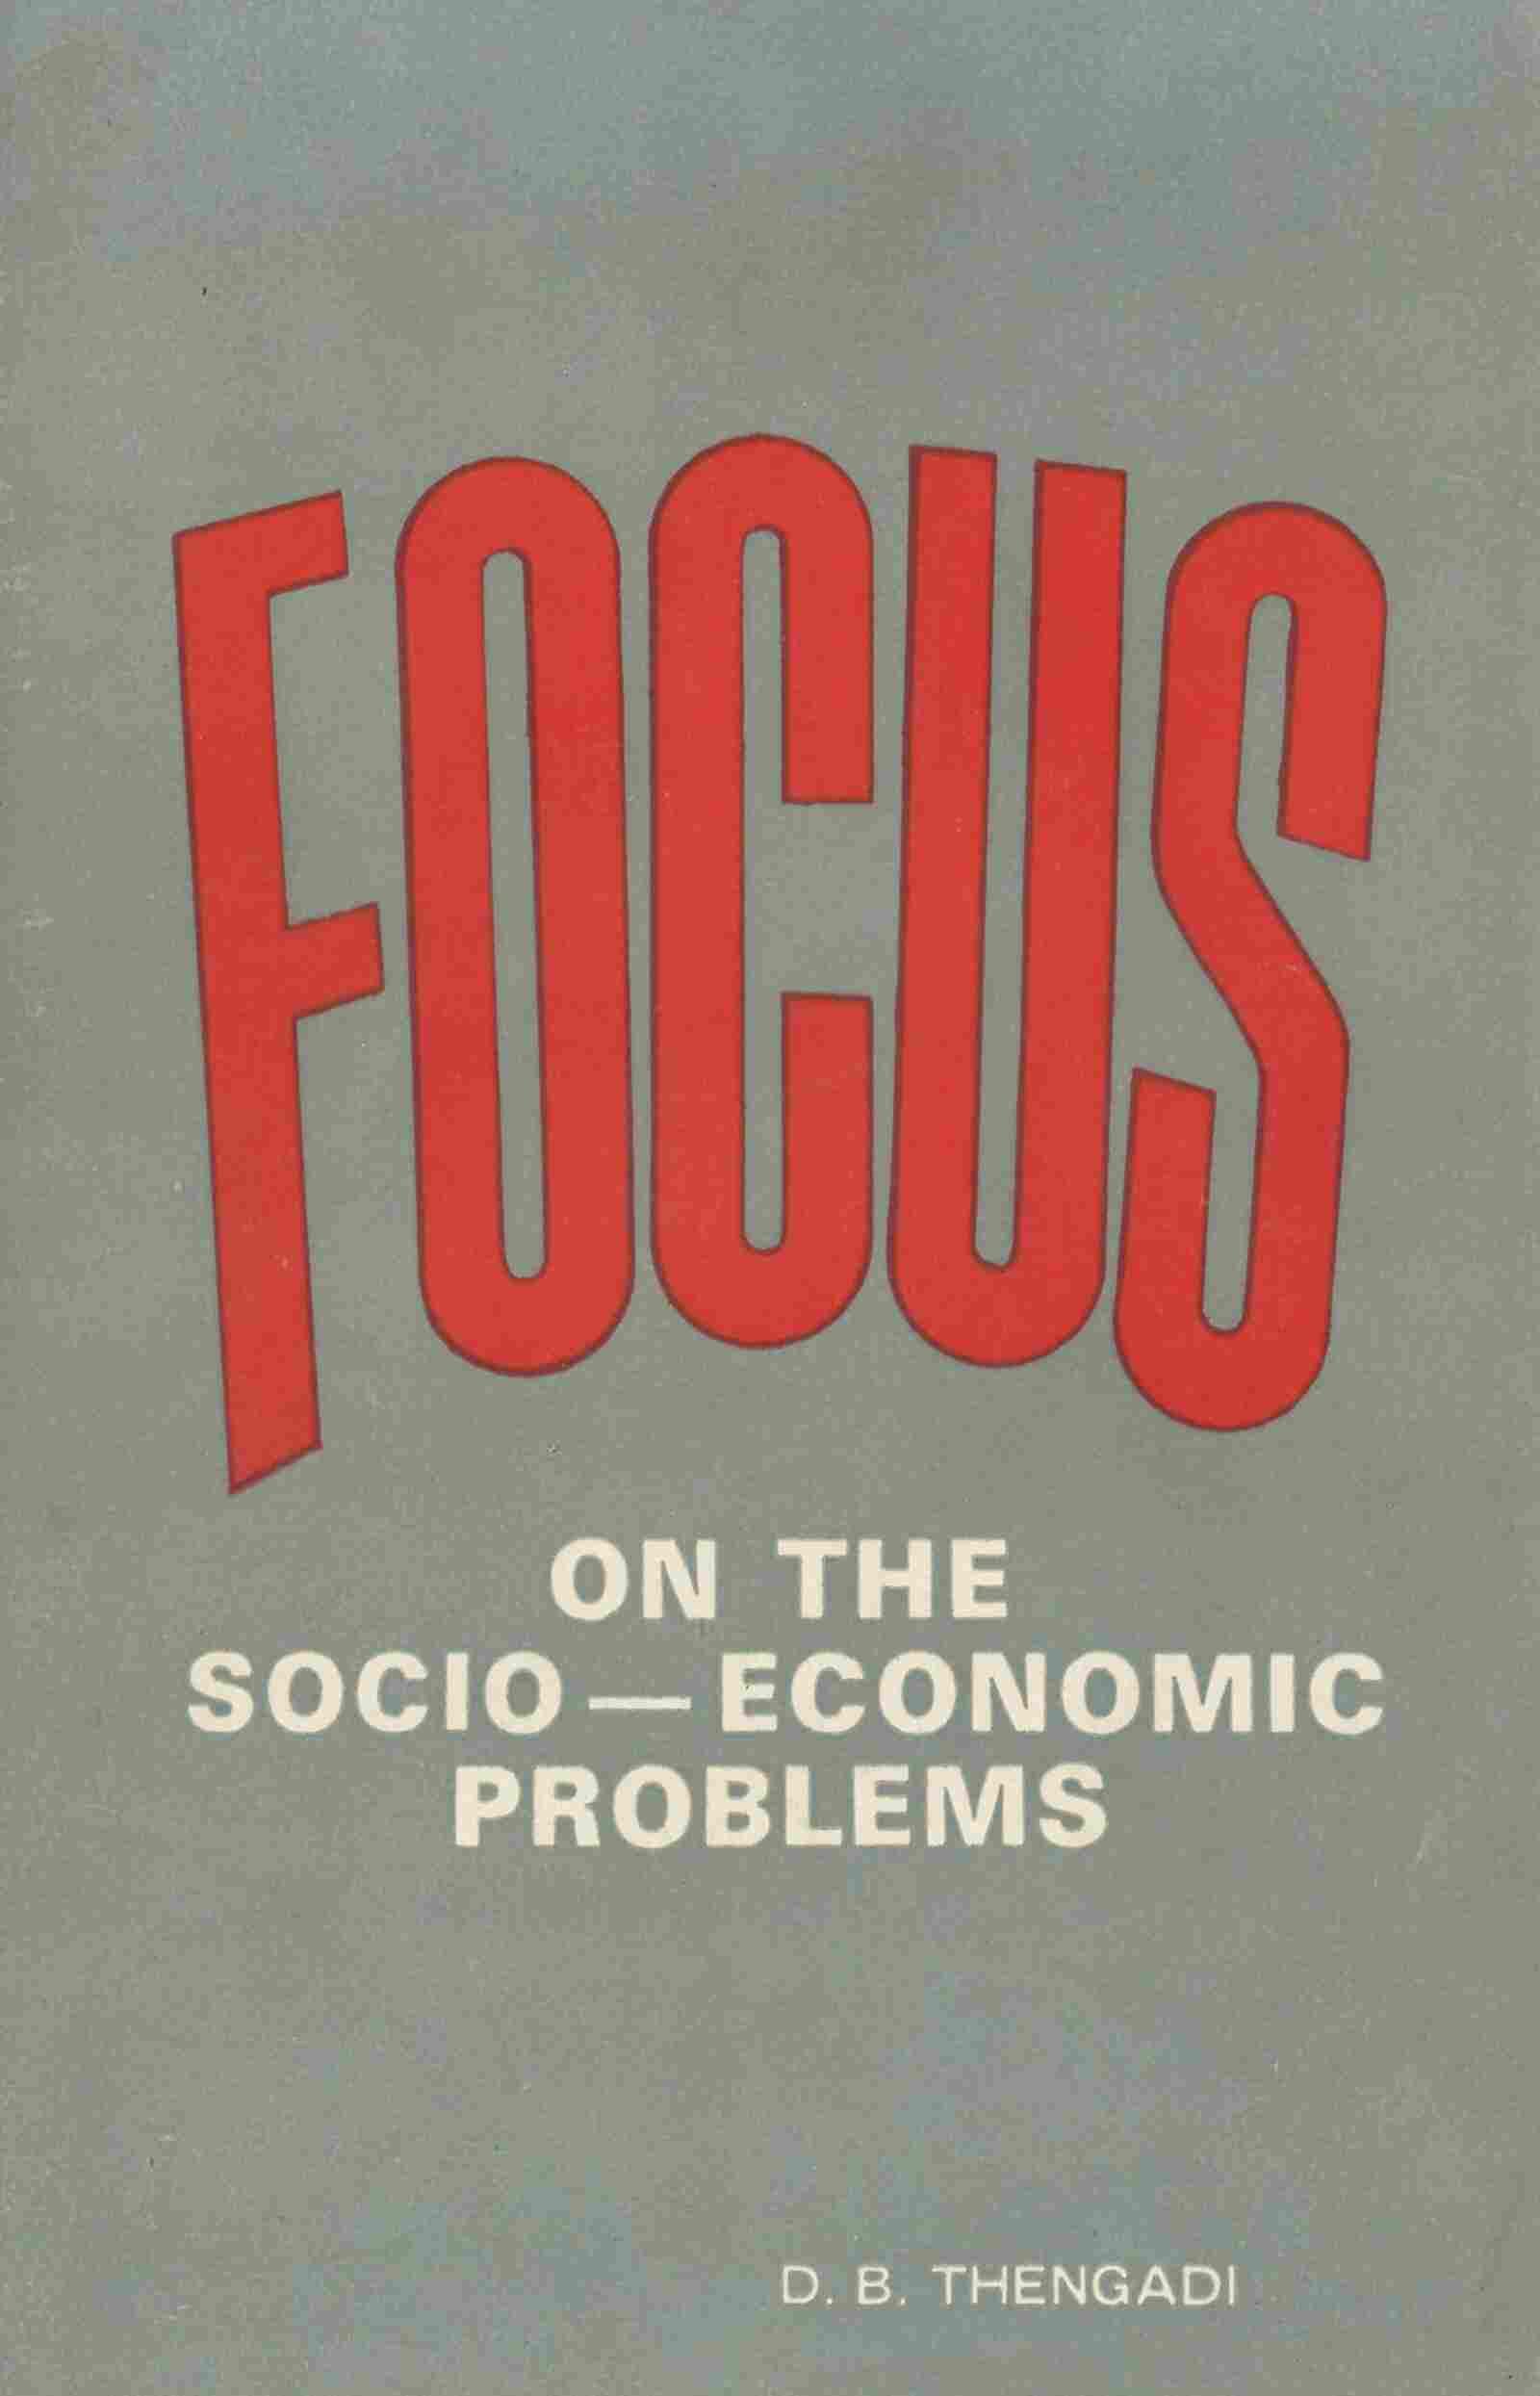 Focus-On The Socio-Economic Problems